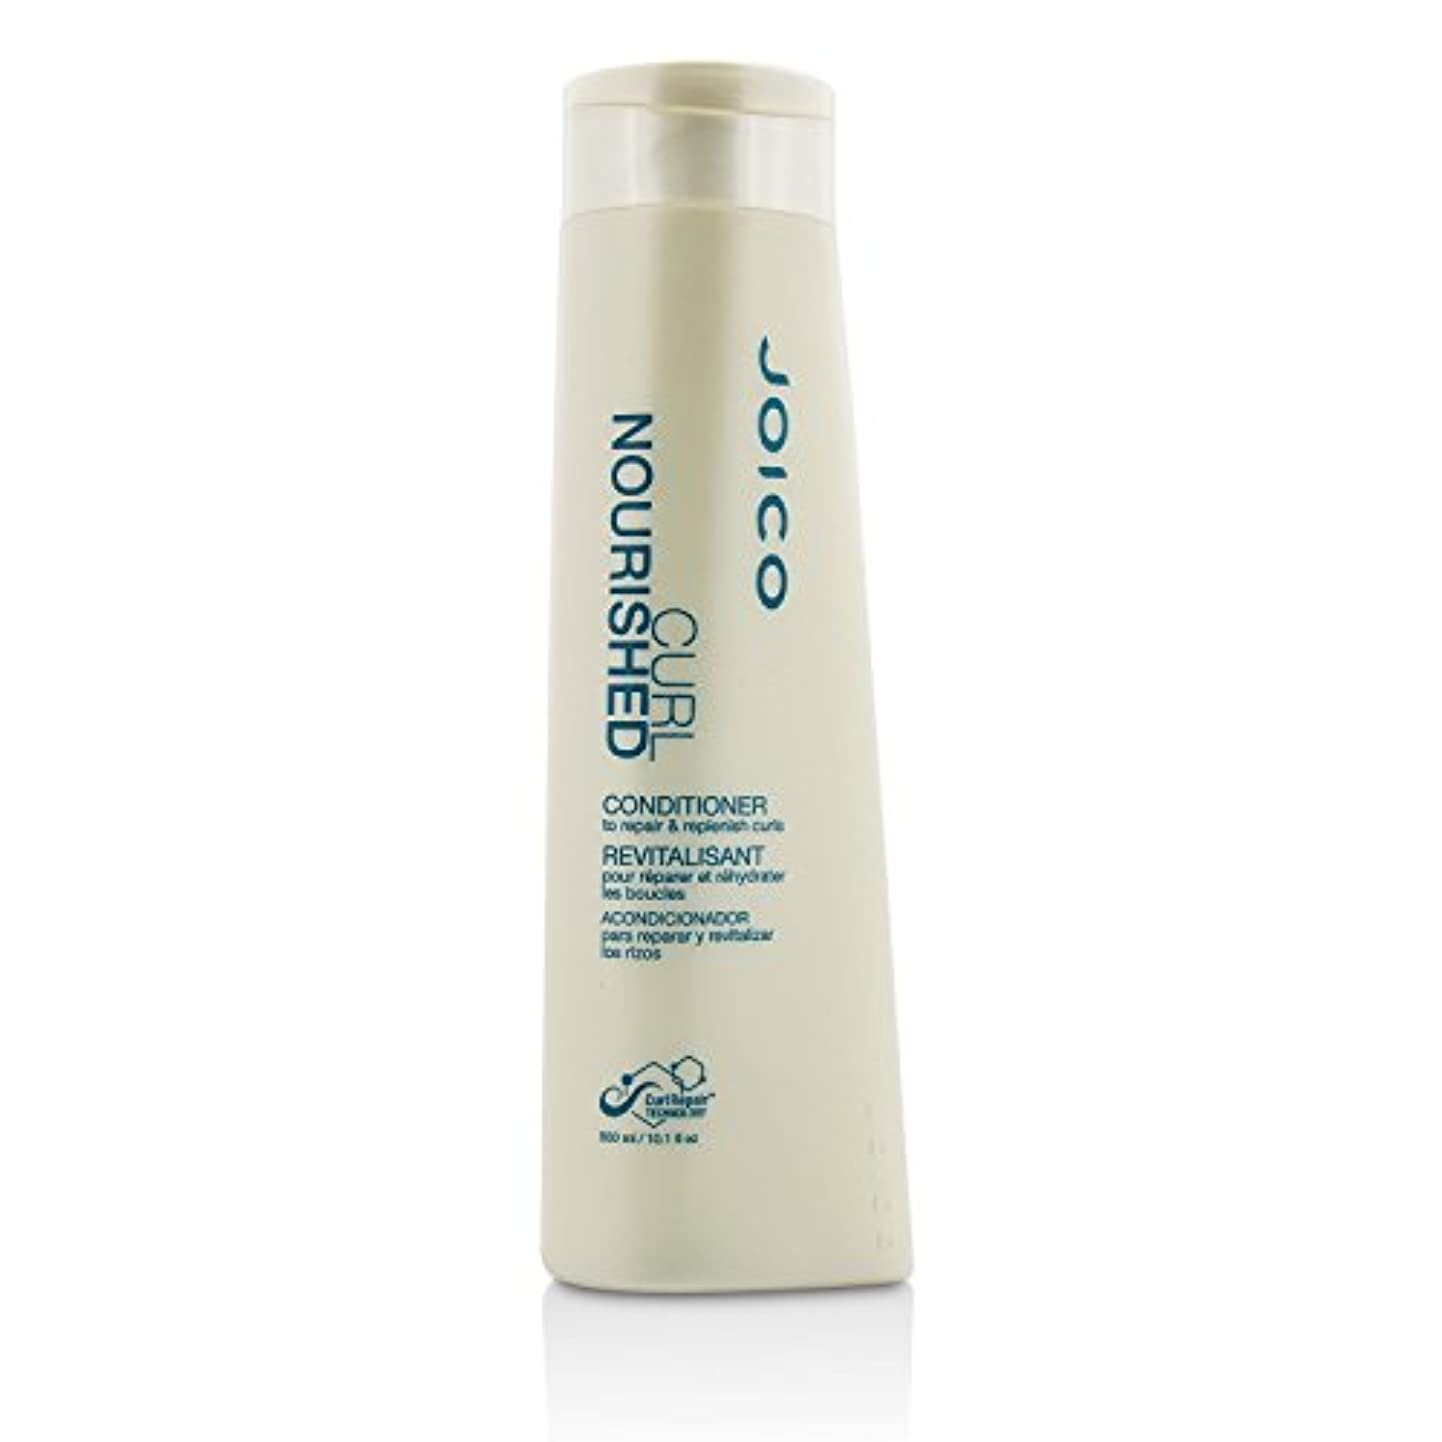 爵に応じて取るジョイコ Curl Nourished Conditioner (To Repair & Nourish Curls) 300ml/10.1oz並行輸入品